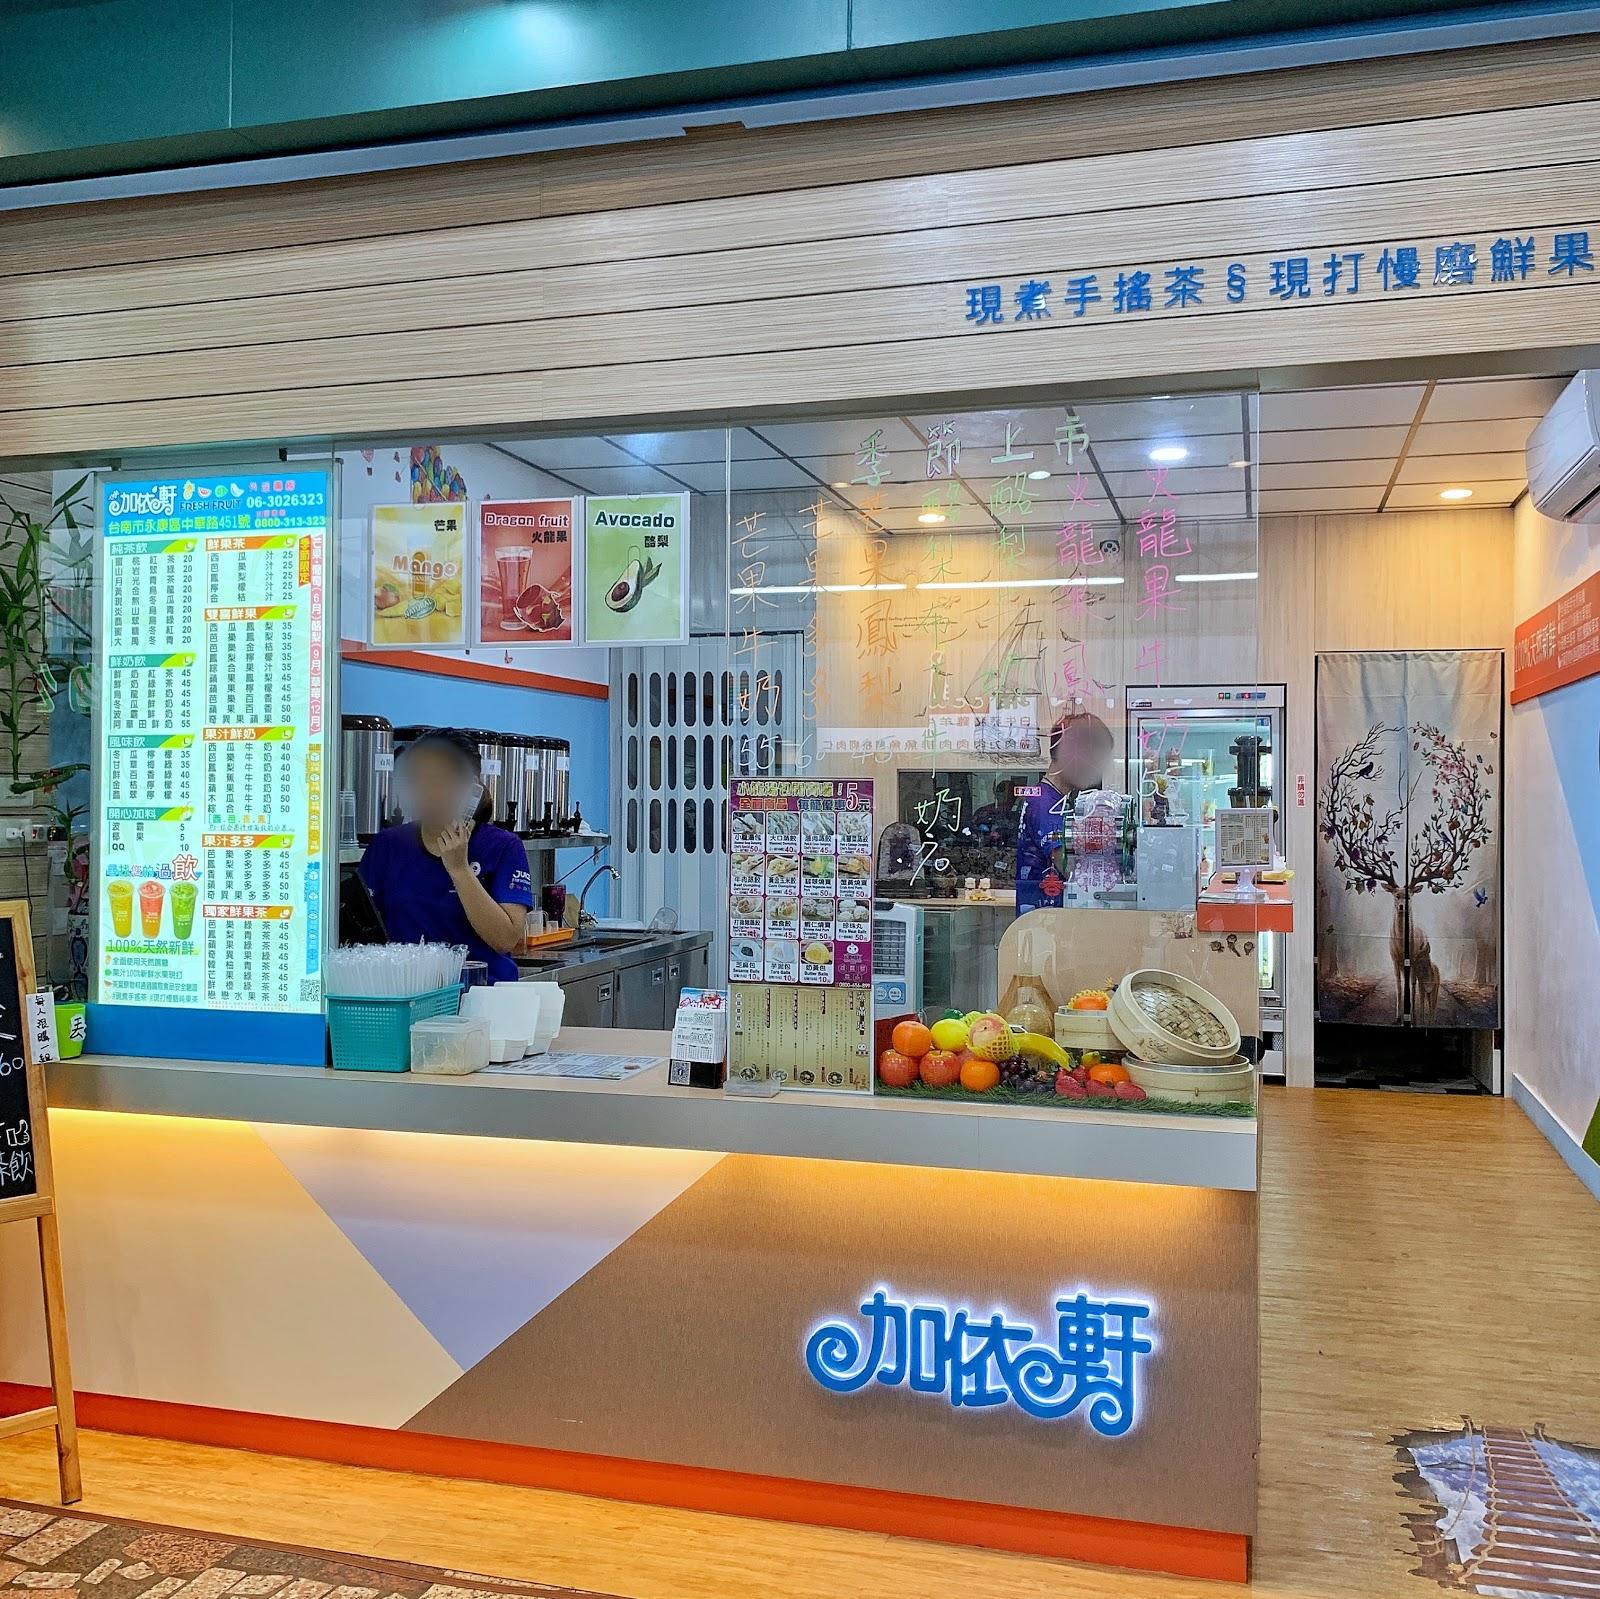 台南美食加依軒鮮果茶飲中華店的店家外觀